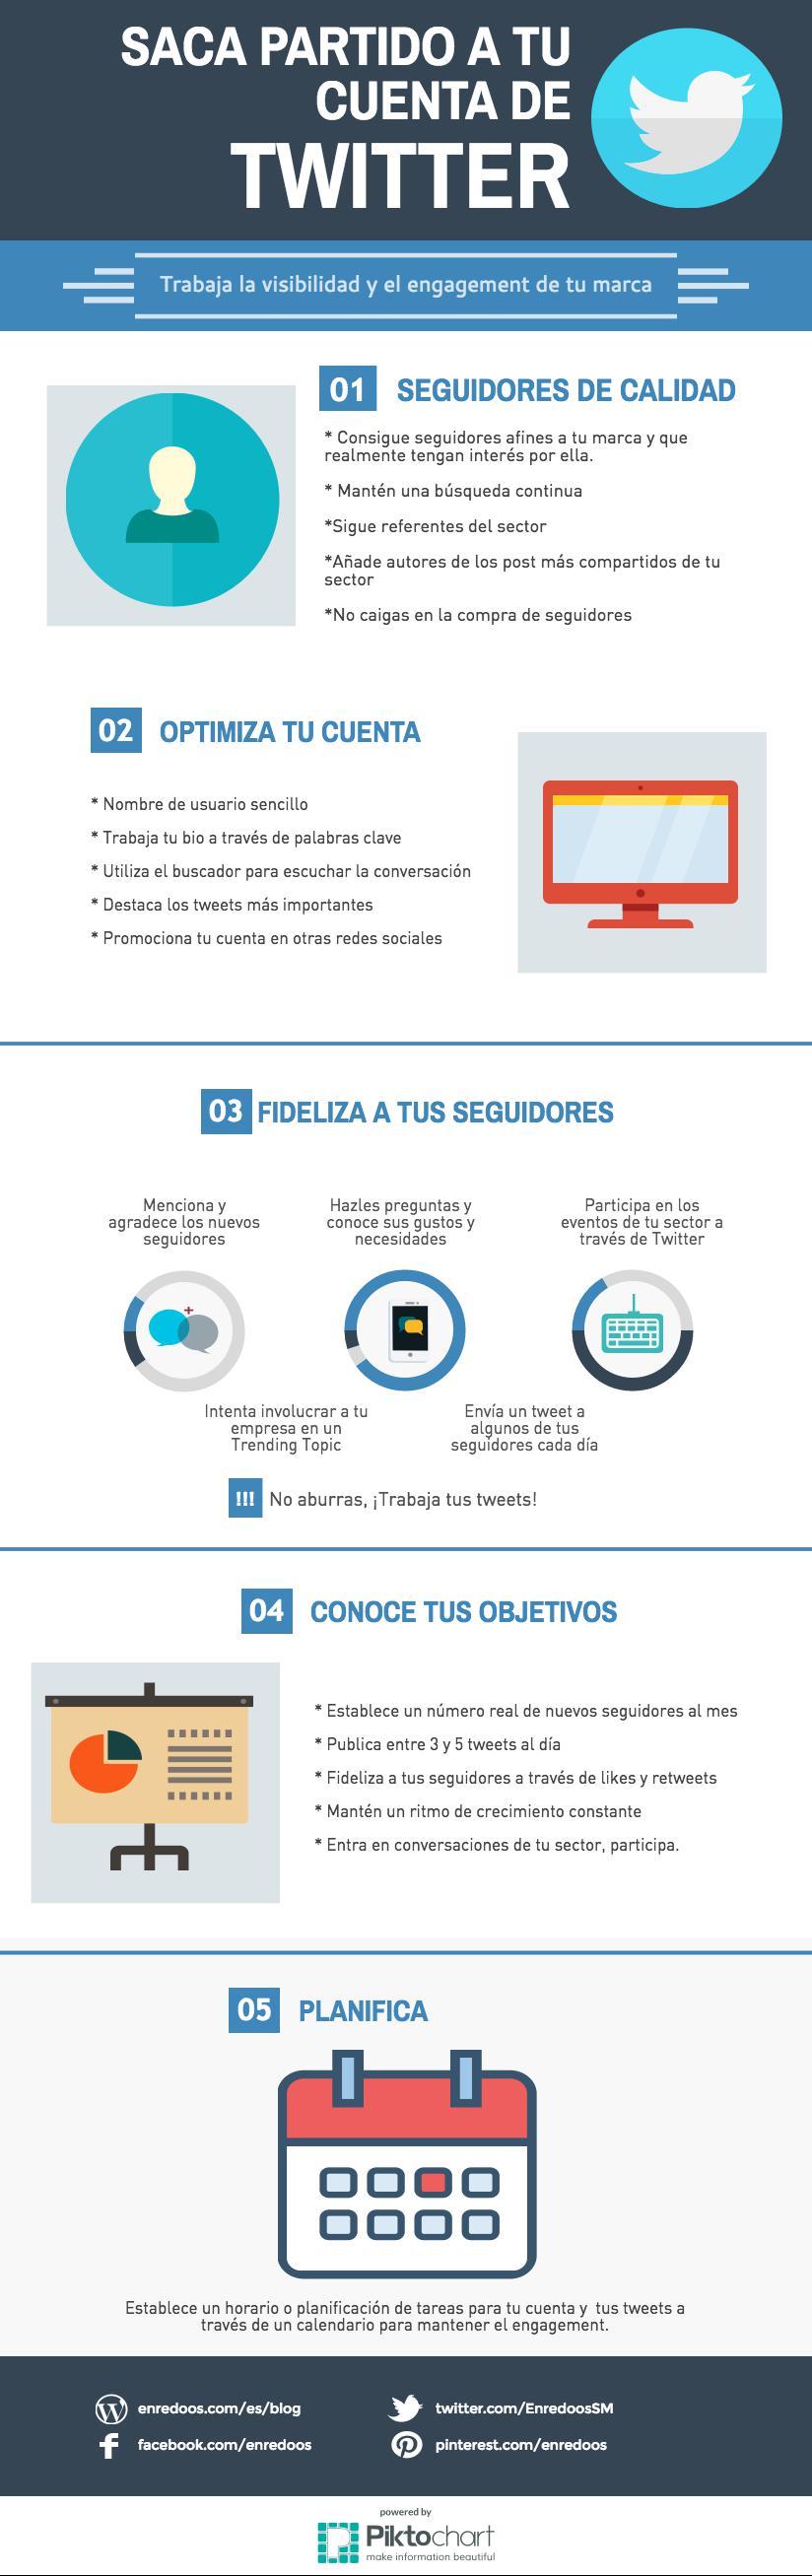 Saca partido a tu cuenta de Twitter #infografia #infographic #socialmedia